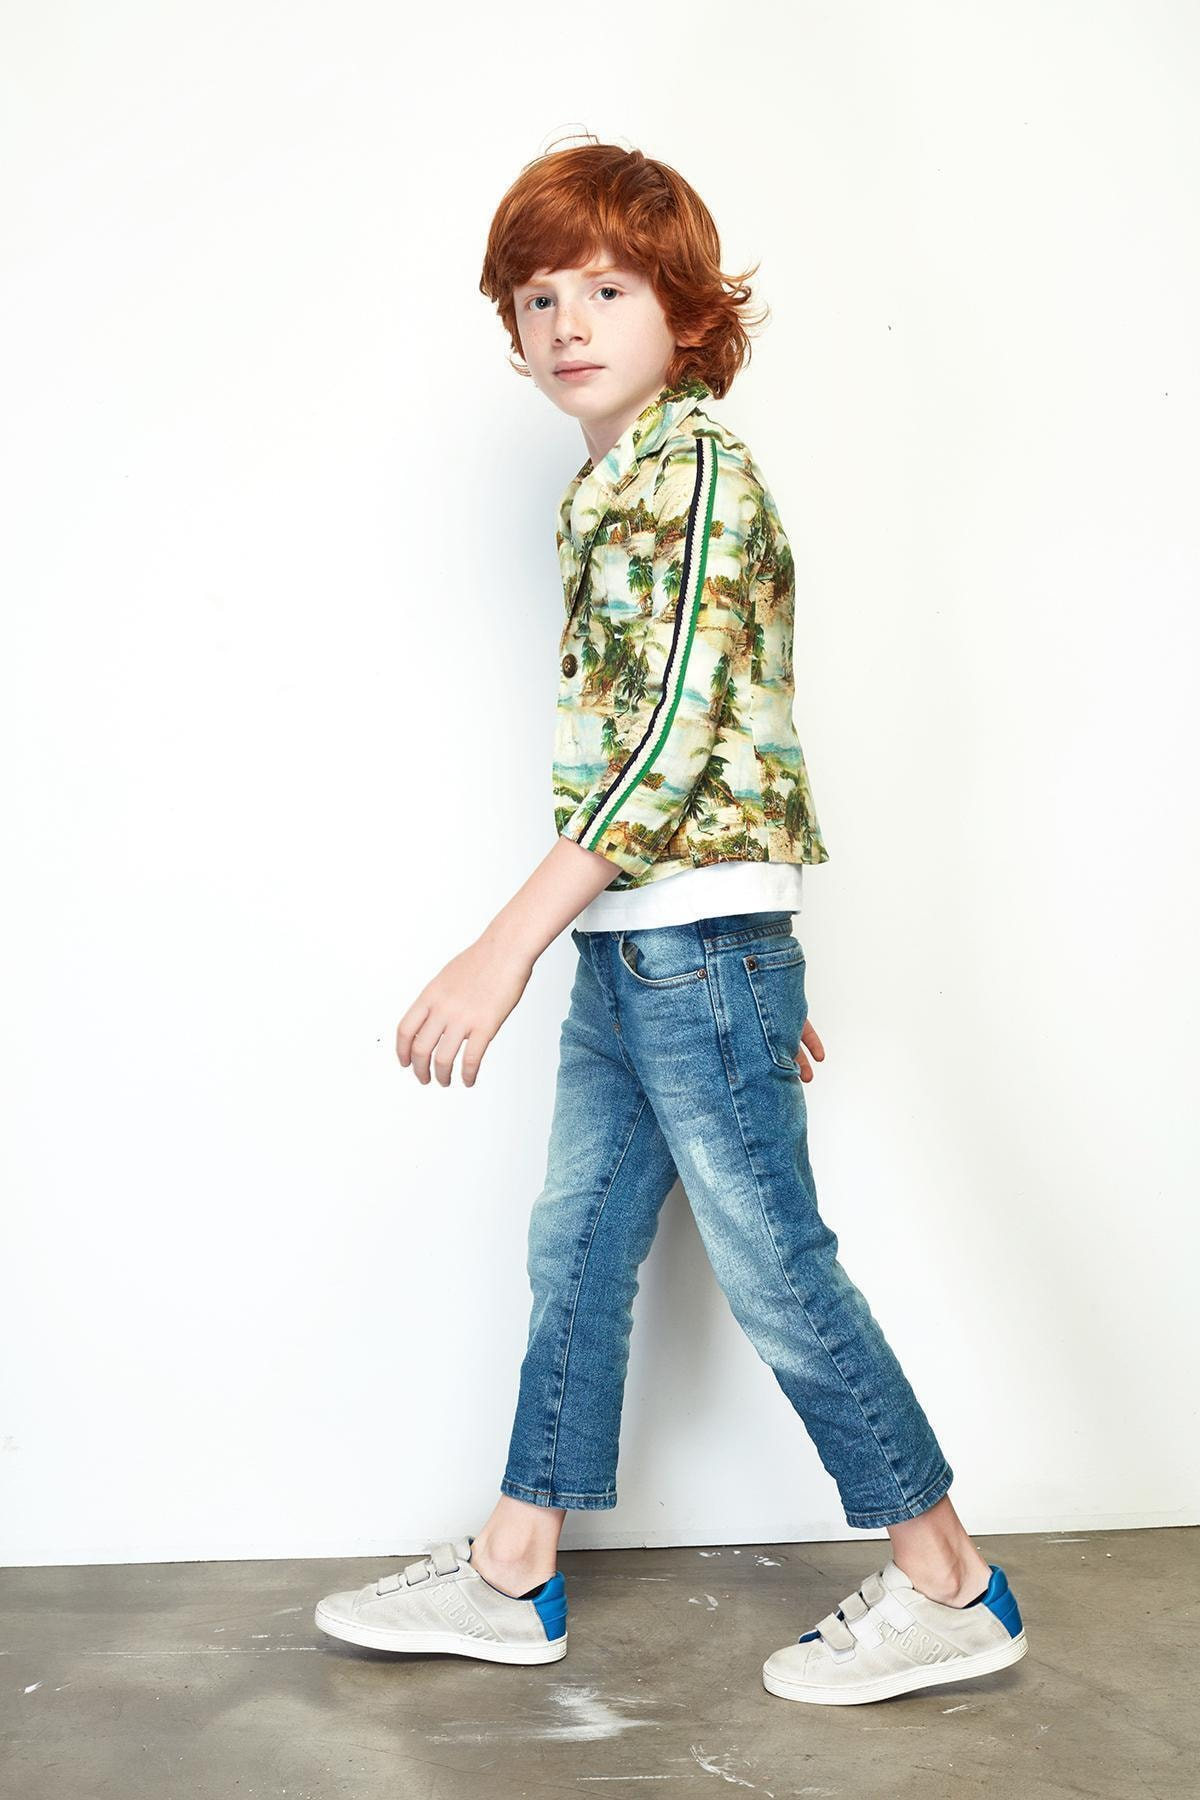 Nebbati Erkek Çocuk Jean Pantolon 19ss1nb3211 1